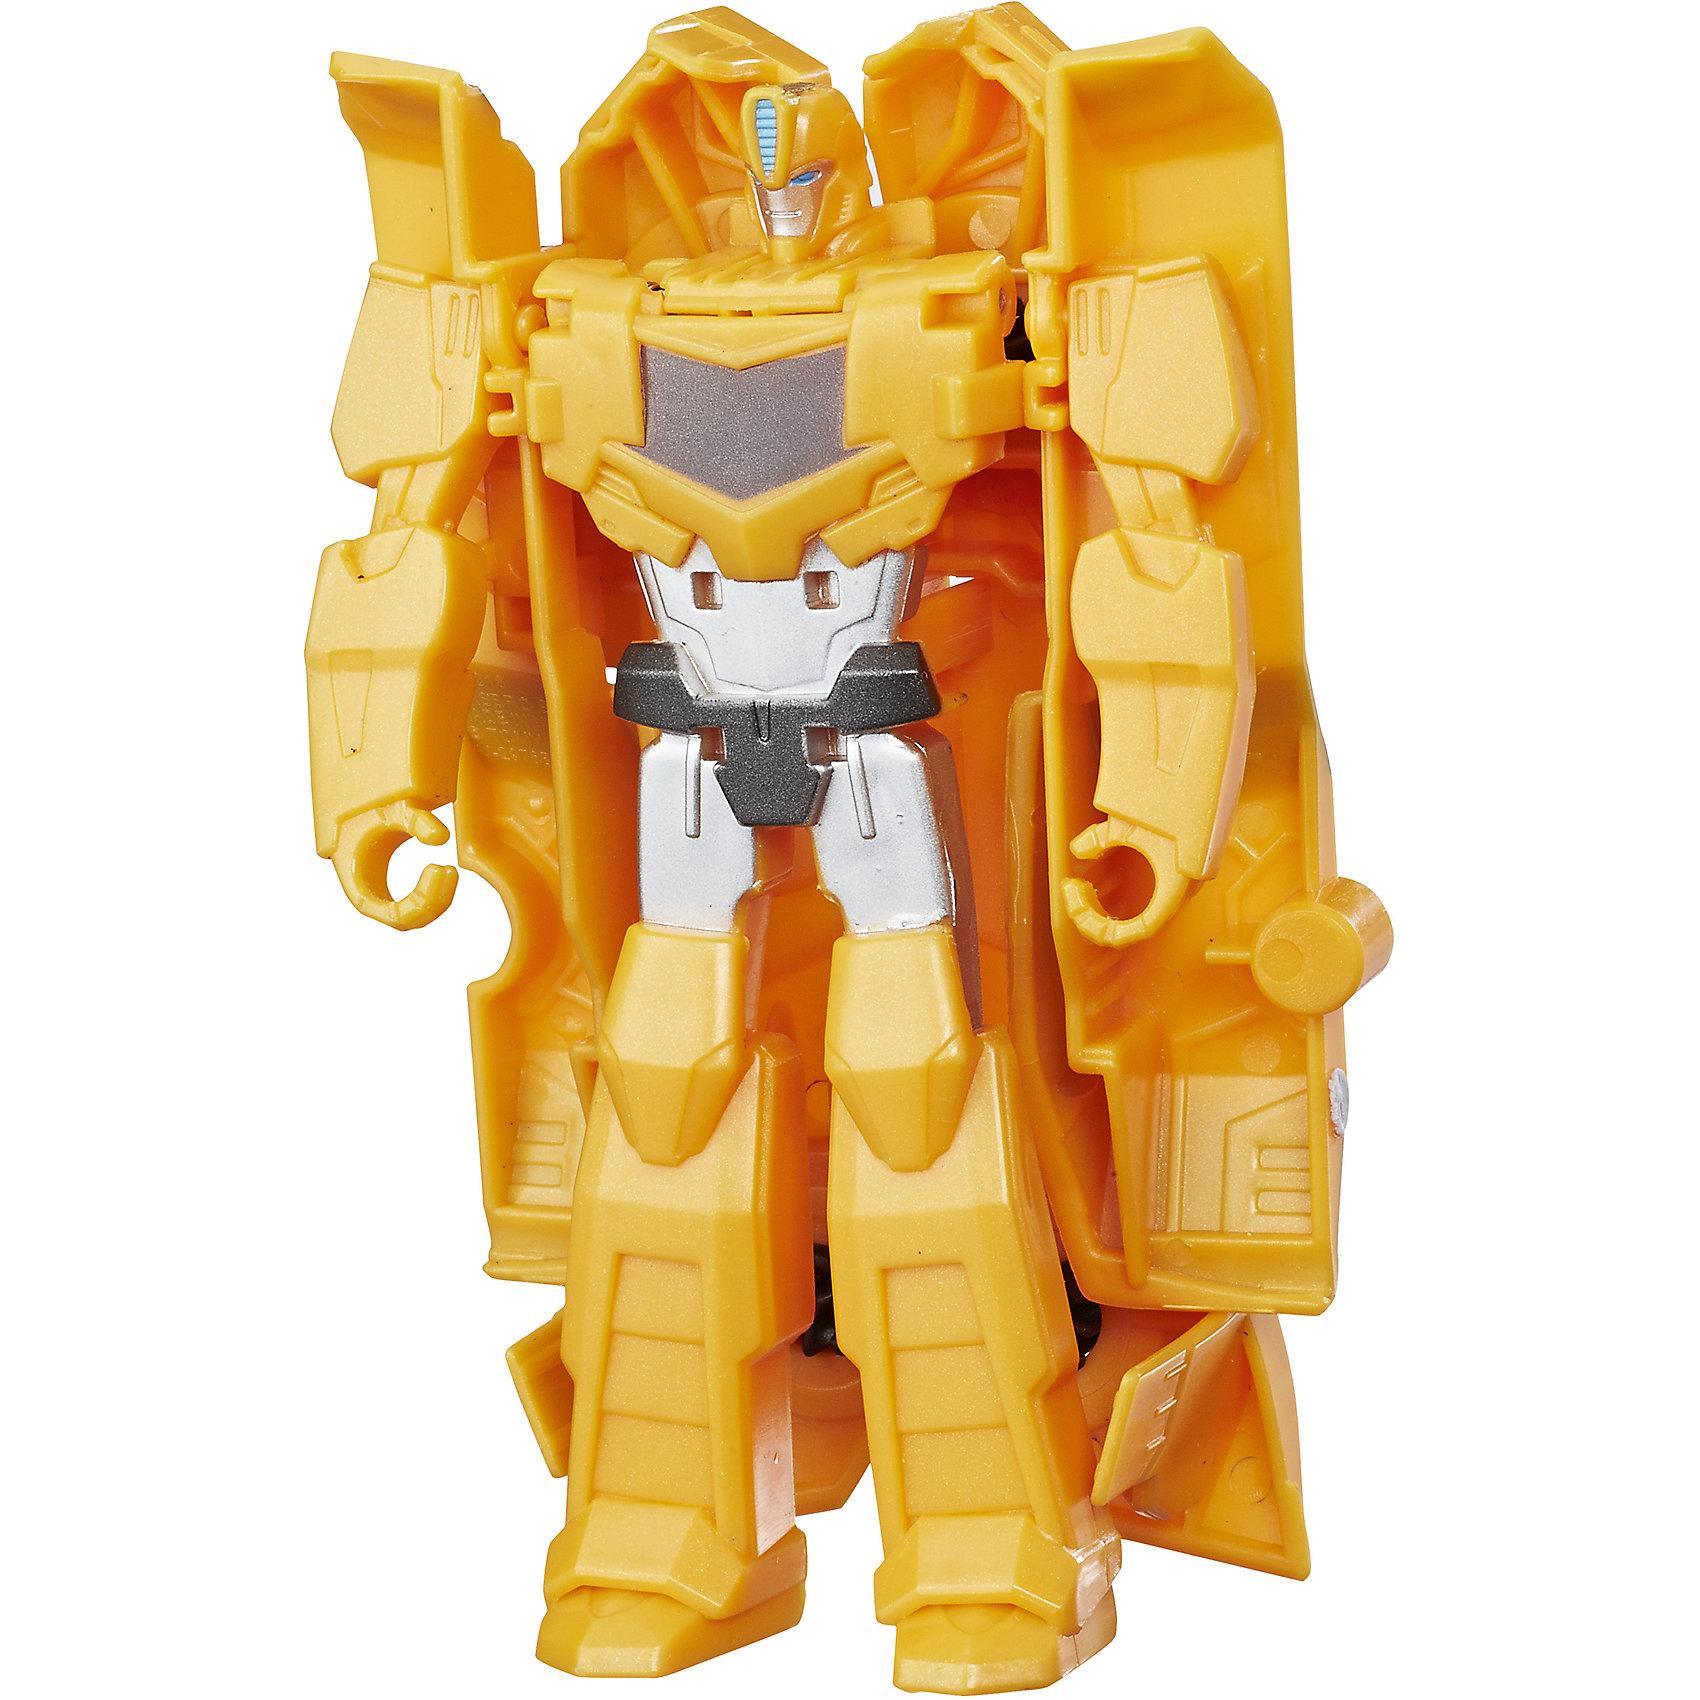 Трансформеры Роботс-ин-Дисгайс Уан-Стэп, B0068/C0646Фигурки из мультфильмов<br>Характеристики:<br><br>• Материал: пластик<br>• Комплектация: робот-трансформер, аксессуары<br>• Высота робота ?11 см<br>• Трансформируется в гоночную машину за 1 шаг<br>• На игрушке имеется сканируемый жетон<br>• Вес в упаковке: 97 г<br>• Размеры упаковки (Г*Ш*В): 17,6*15,2*4,8 см<br>• Упаковка: блистер на картонной подложке<br><br>Роботы этой коллекции за один шаг трансформируются в гоночные автомобили с инерционным механизмом. Фигурки героев выполнены из твердого пластика, устойчивого к повреждениям и трещинам, детали окрашены нетоксичной краской без запаха. Робот выполнен с высокой степенью достоверности и соответствия облику своего экранного прототипа. <br><br>Трансформеры Роботс-ин-Дисгайс Уан-Стэп, B0068/C0646 можно купить в нашем интернет-магазине.<br><br>Ширина мм: 176<br>Глубина мм: 152<br>Высота мм: 48<br>Вес г: 97<br>Возраст от месяцев: 48<br>Возраст до месяцев: 2147483647<br>Пол: Мужской<br>Возраст: Детский<br>SKU: 5488317